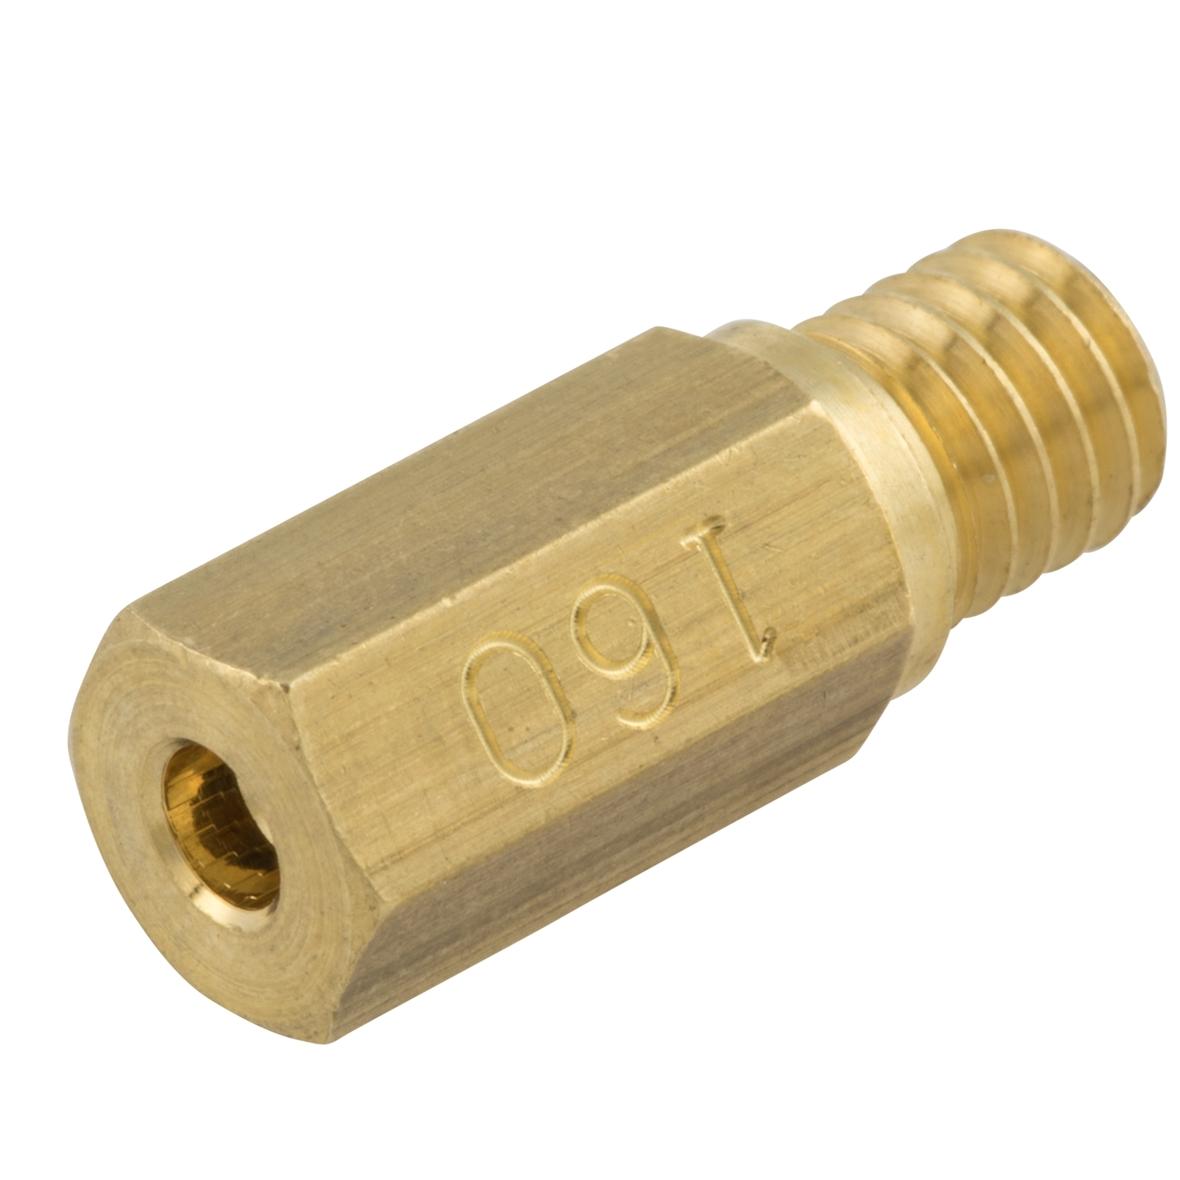 Obrázek výrobku pro 'Tryska KMT 168 Ø 6 mmTitle'